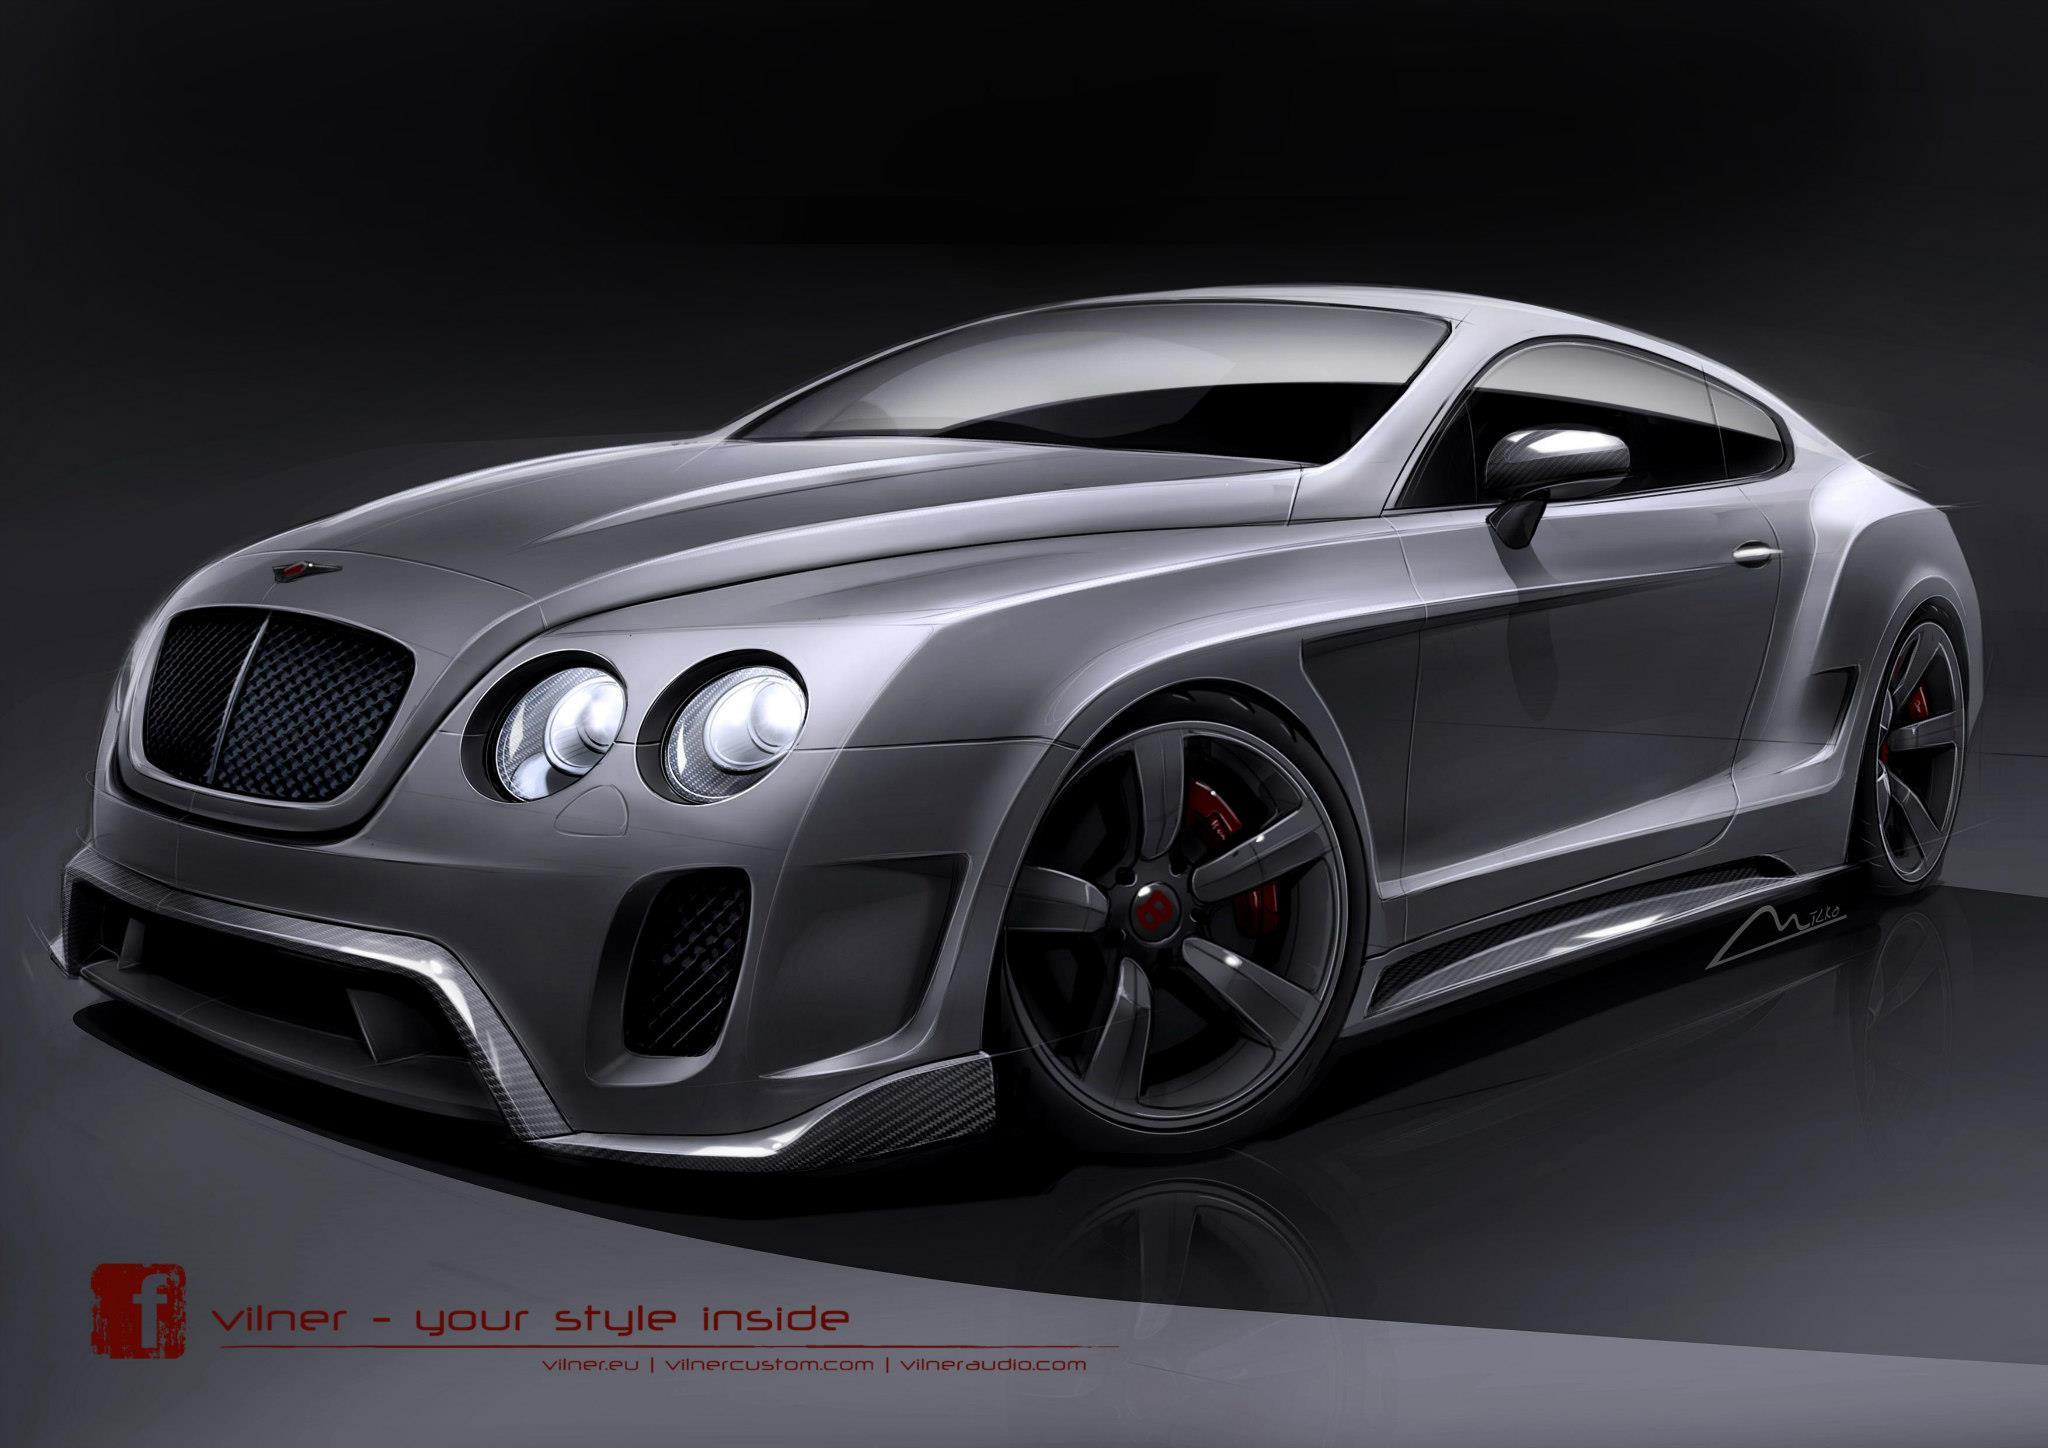 Vilner Developing Bentley Continental GT Bodykit - GTspirit